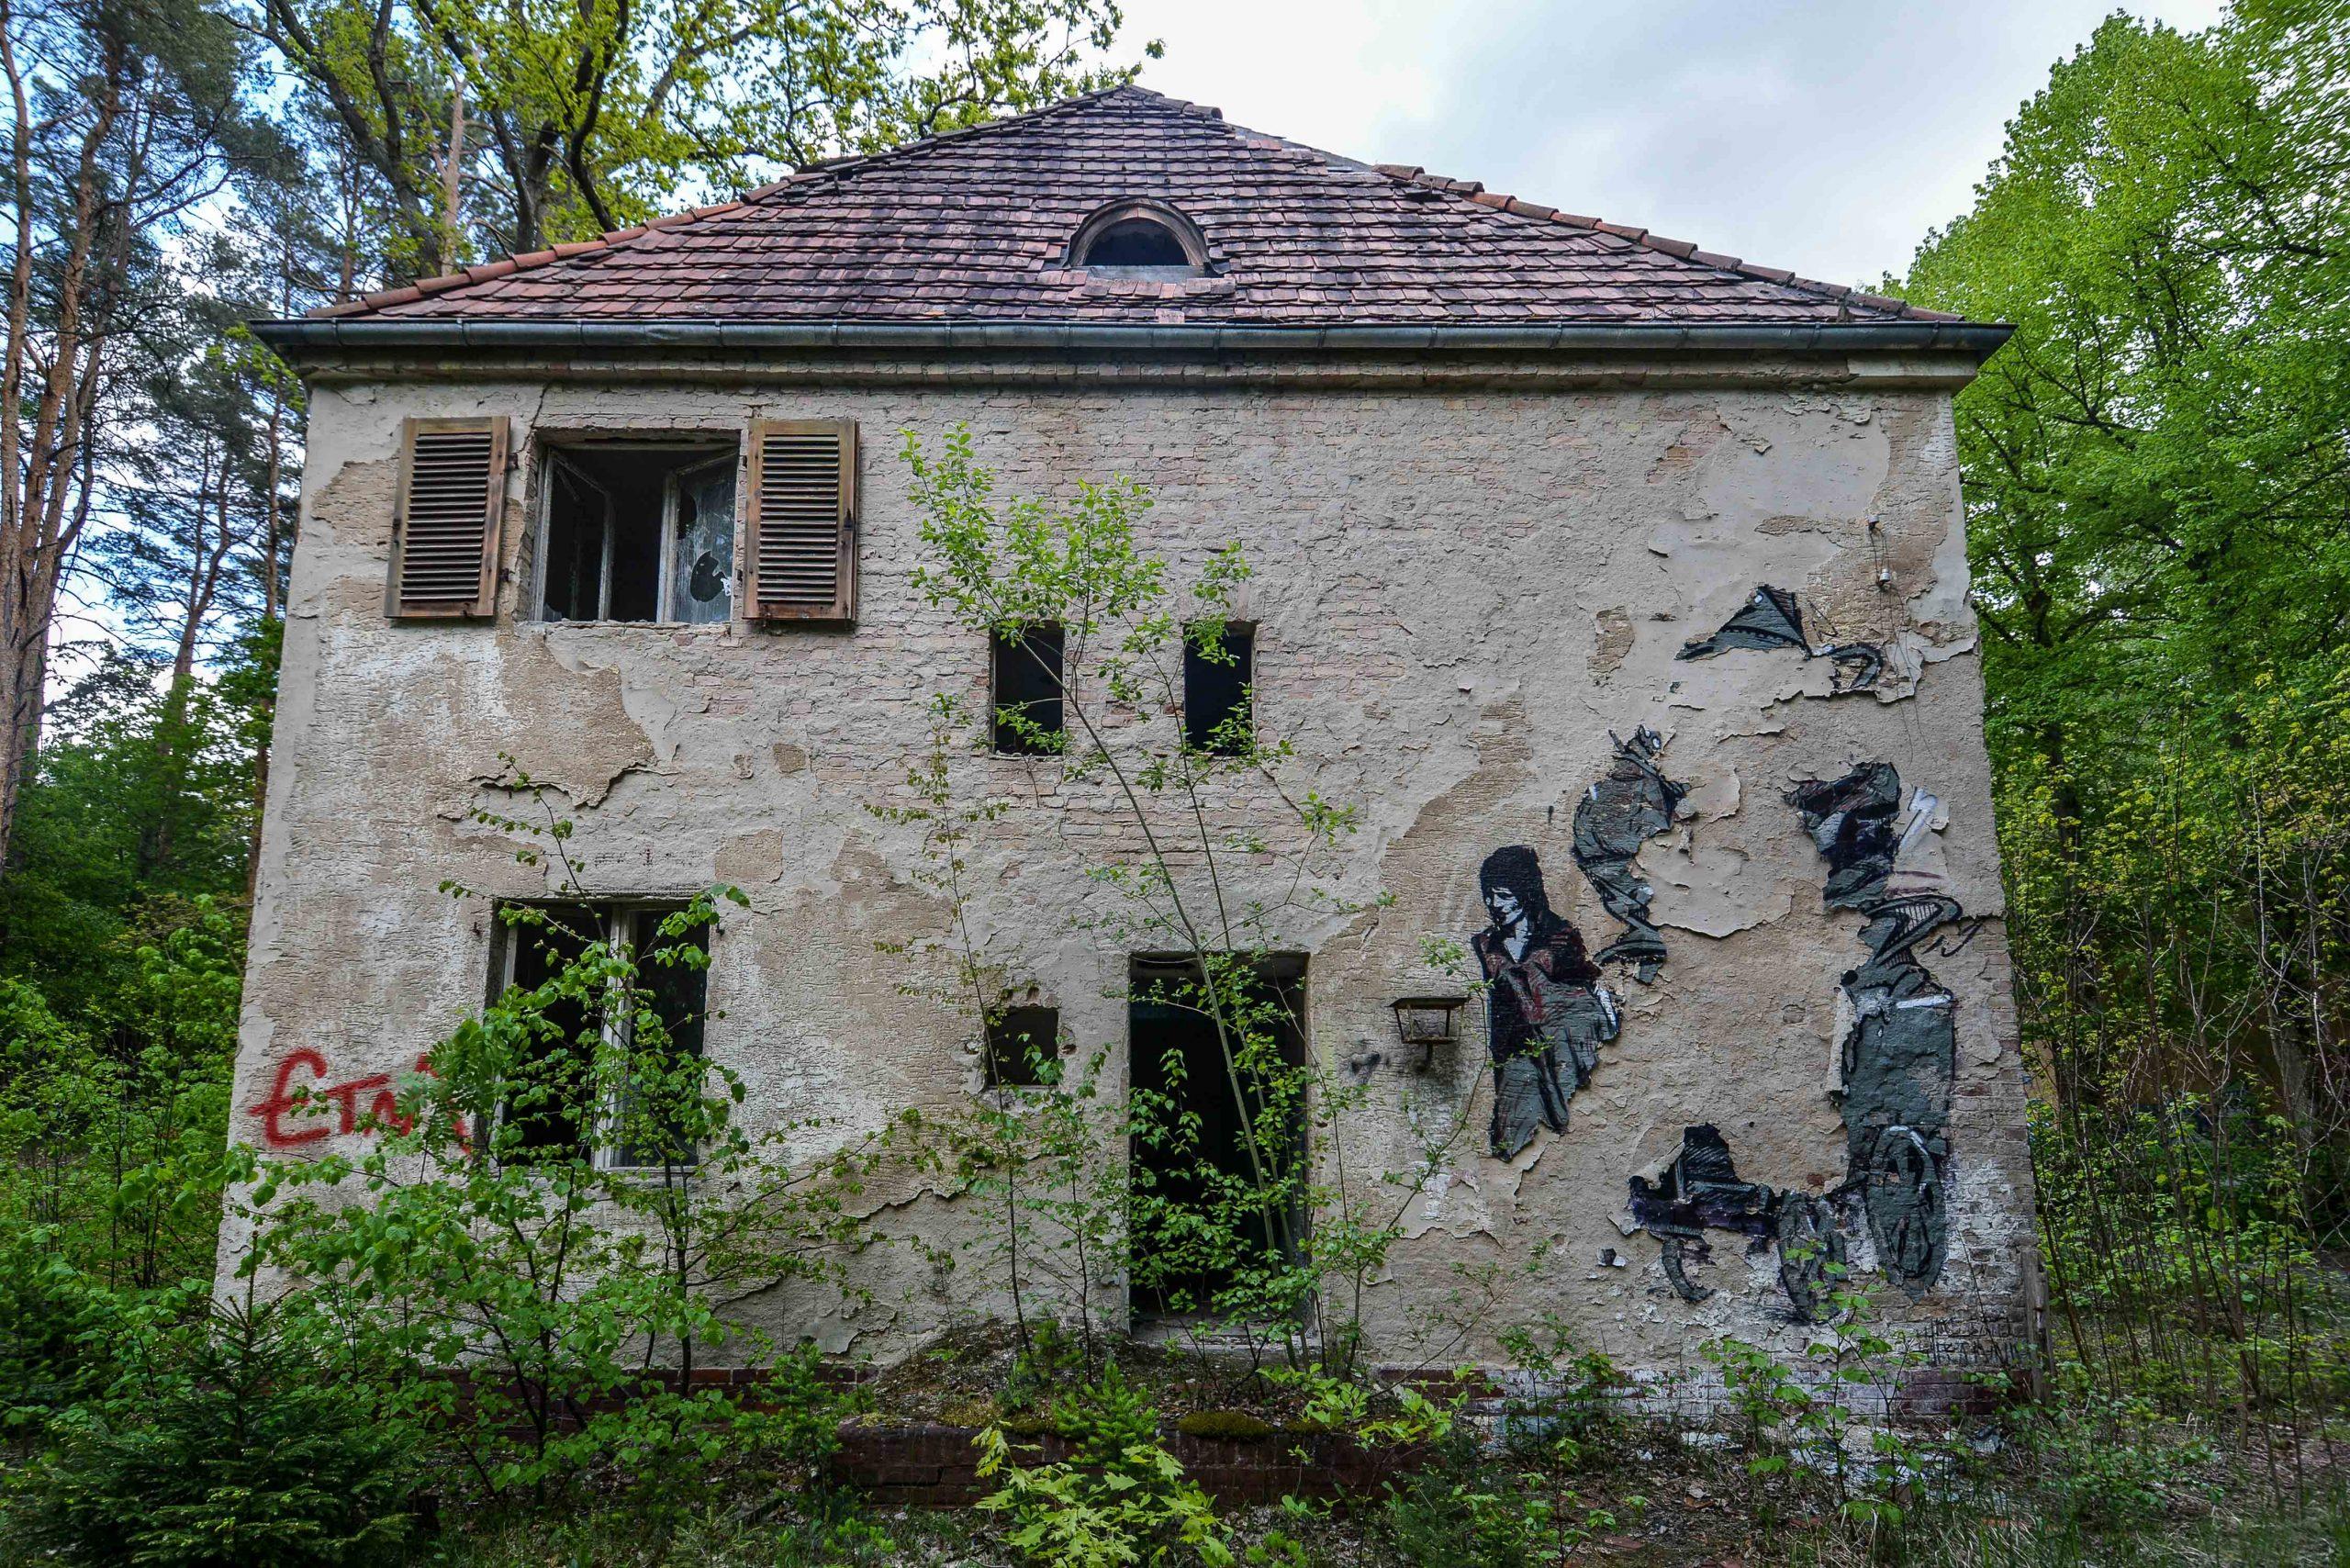 street art graffiti abandoned building tuberkulose heilstaette grabowsee sanatorium oranienburg lost places abandoned urbex brandenburg germany deutschland